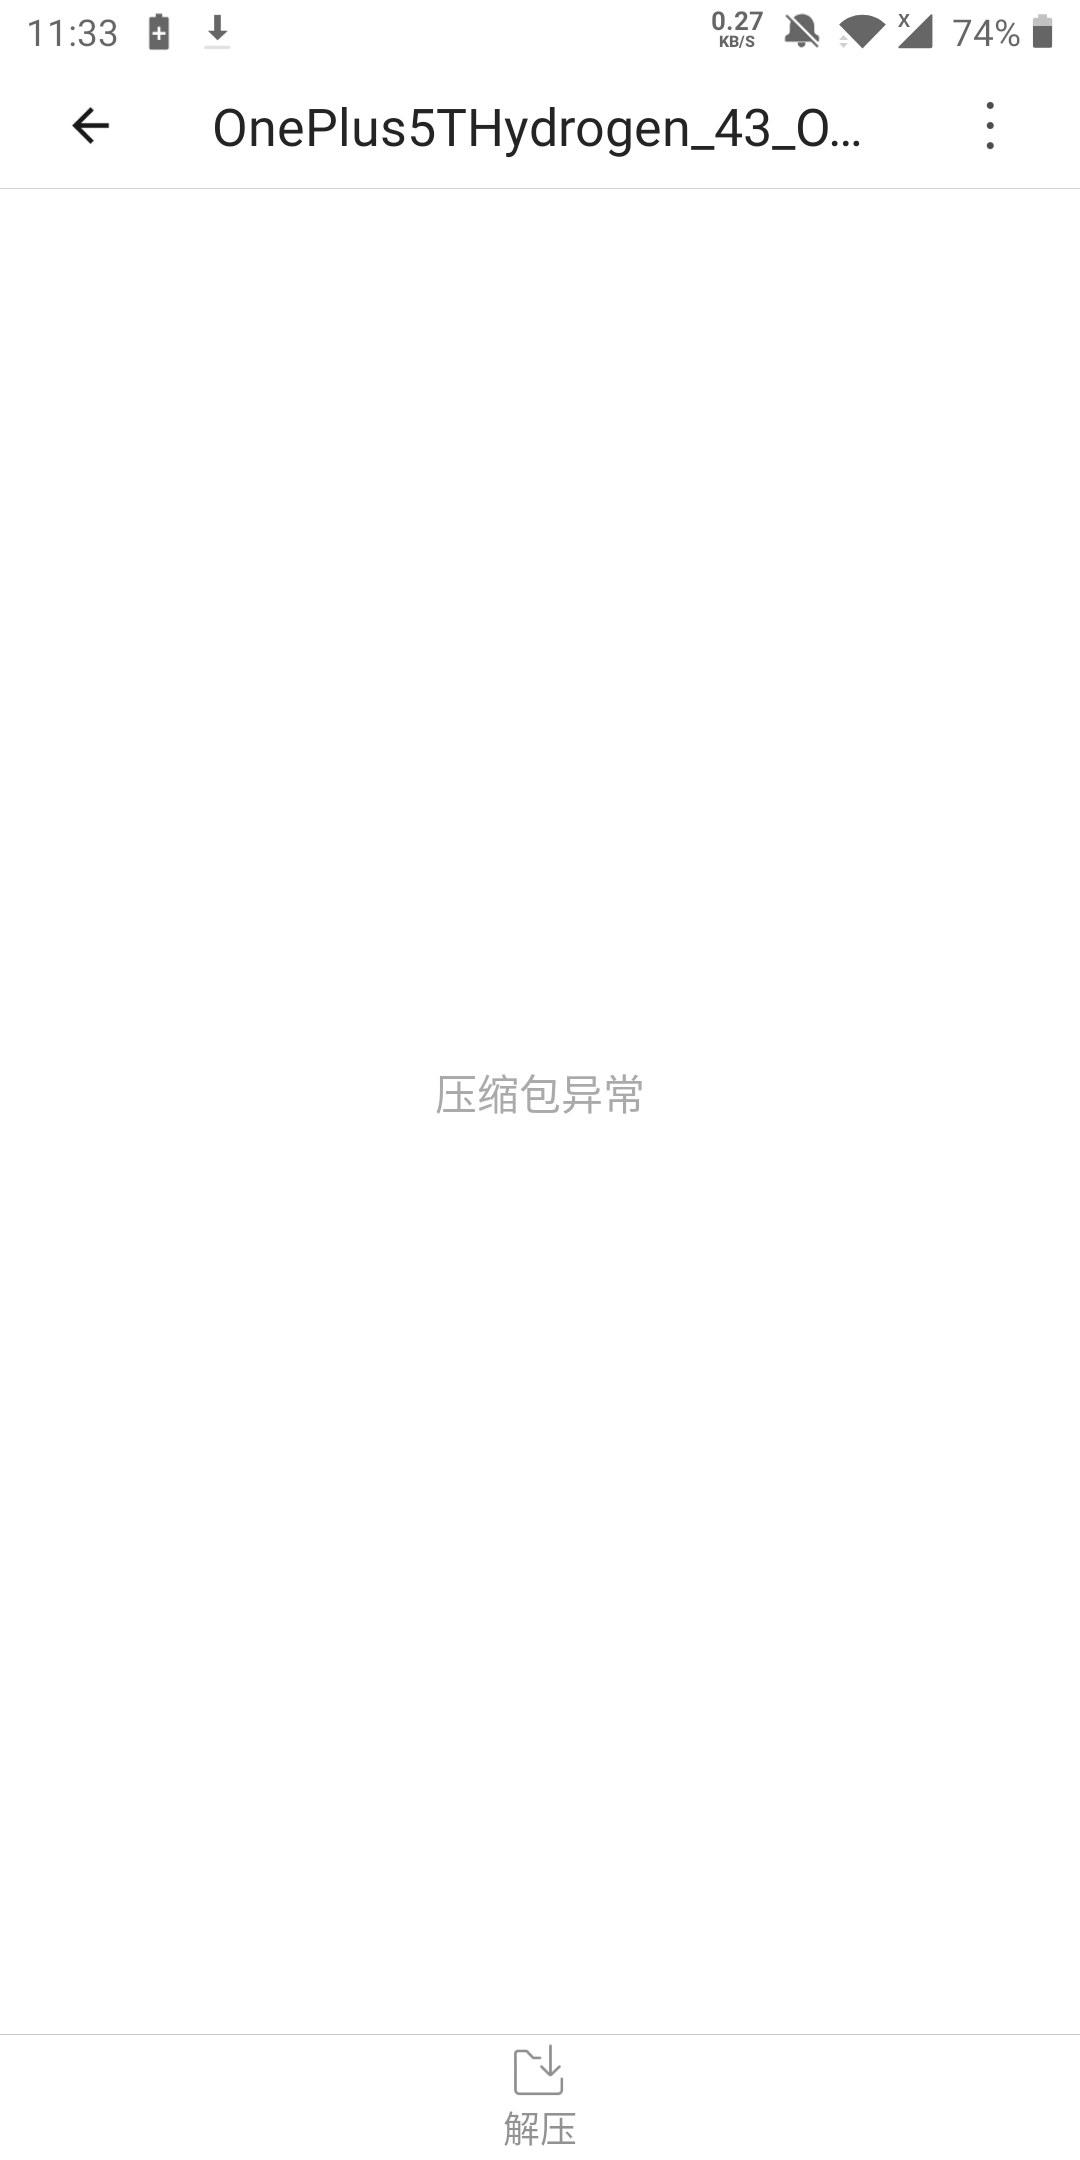 1583379296085.jpg